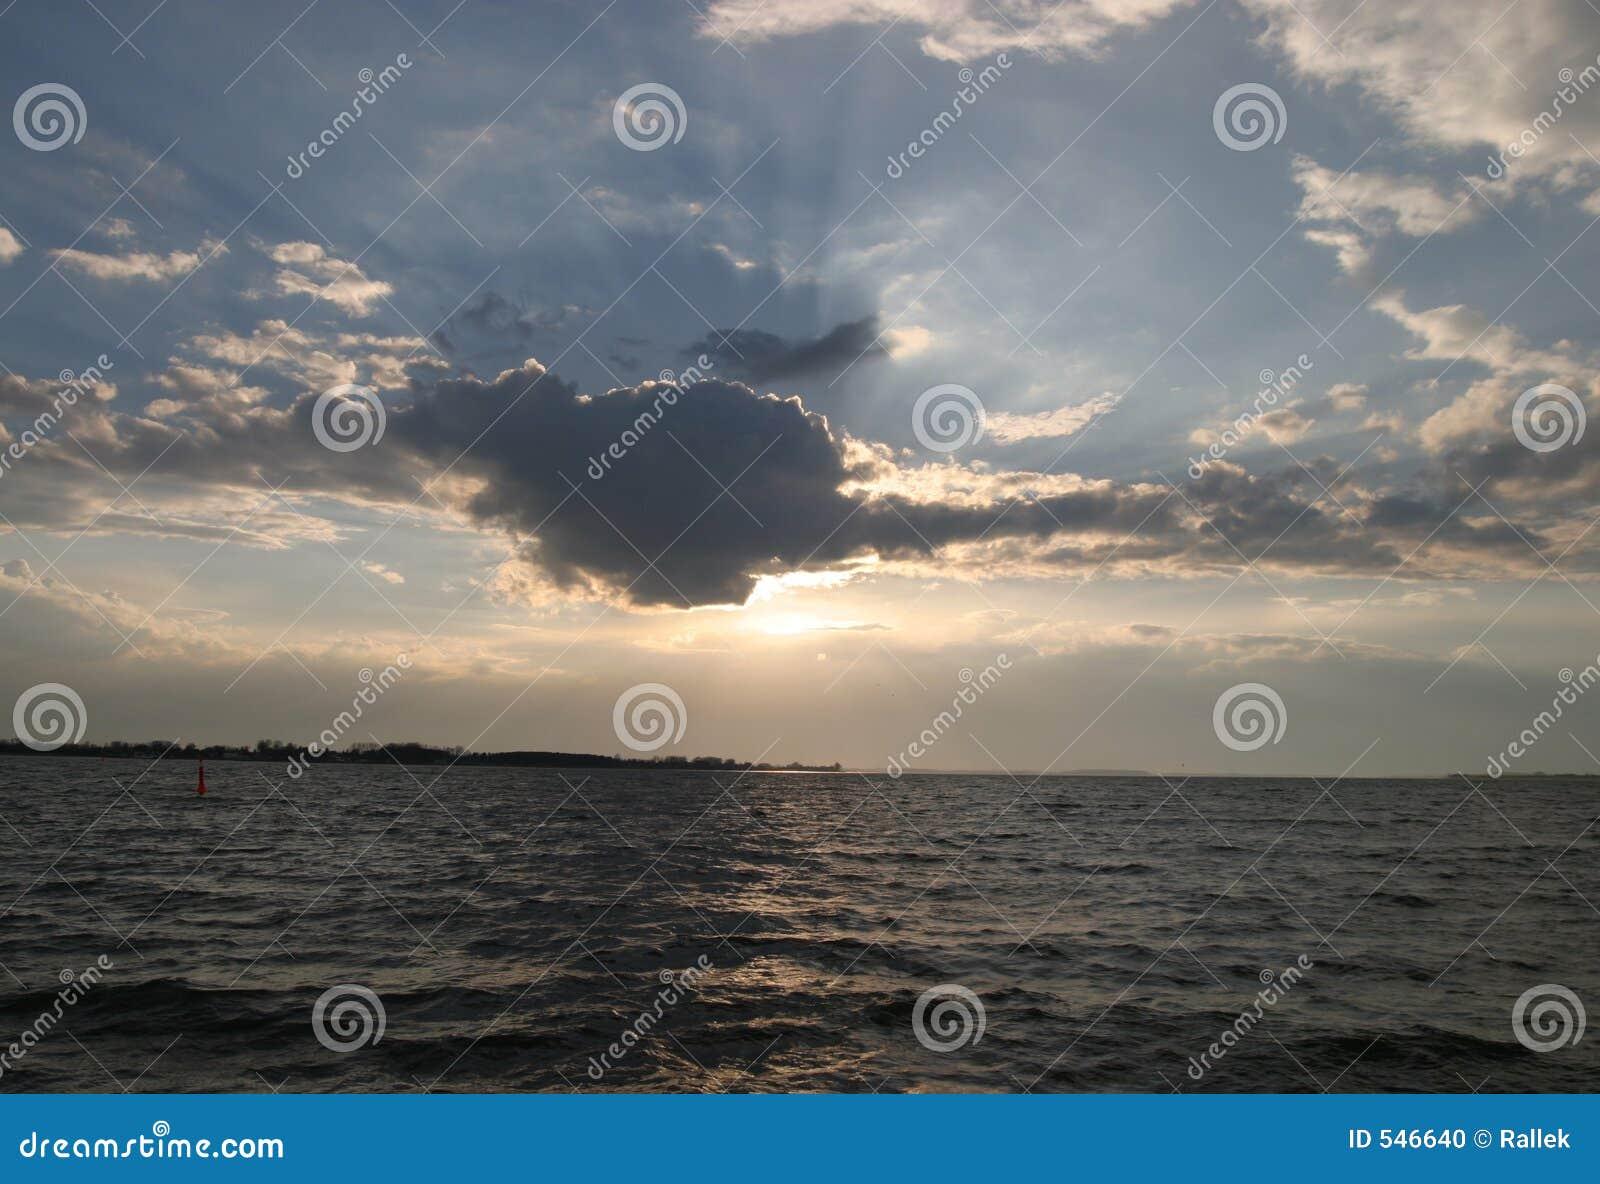 Download 在海运星期日的夜间 库存照片. 图片 包括有 日出, 退色, 海岸线, 海洋, 新鲜, 海运, 多云, 晒裂 - 546640